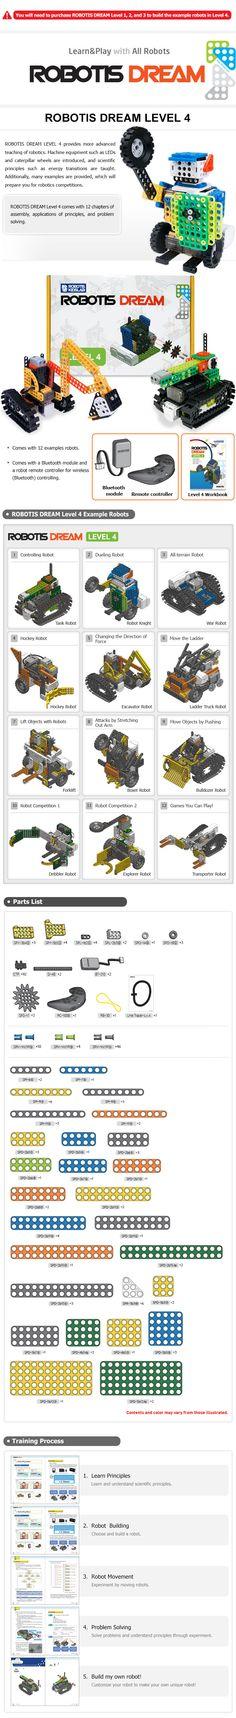 ROBOTIS_DREAM_4단계_en.jpg